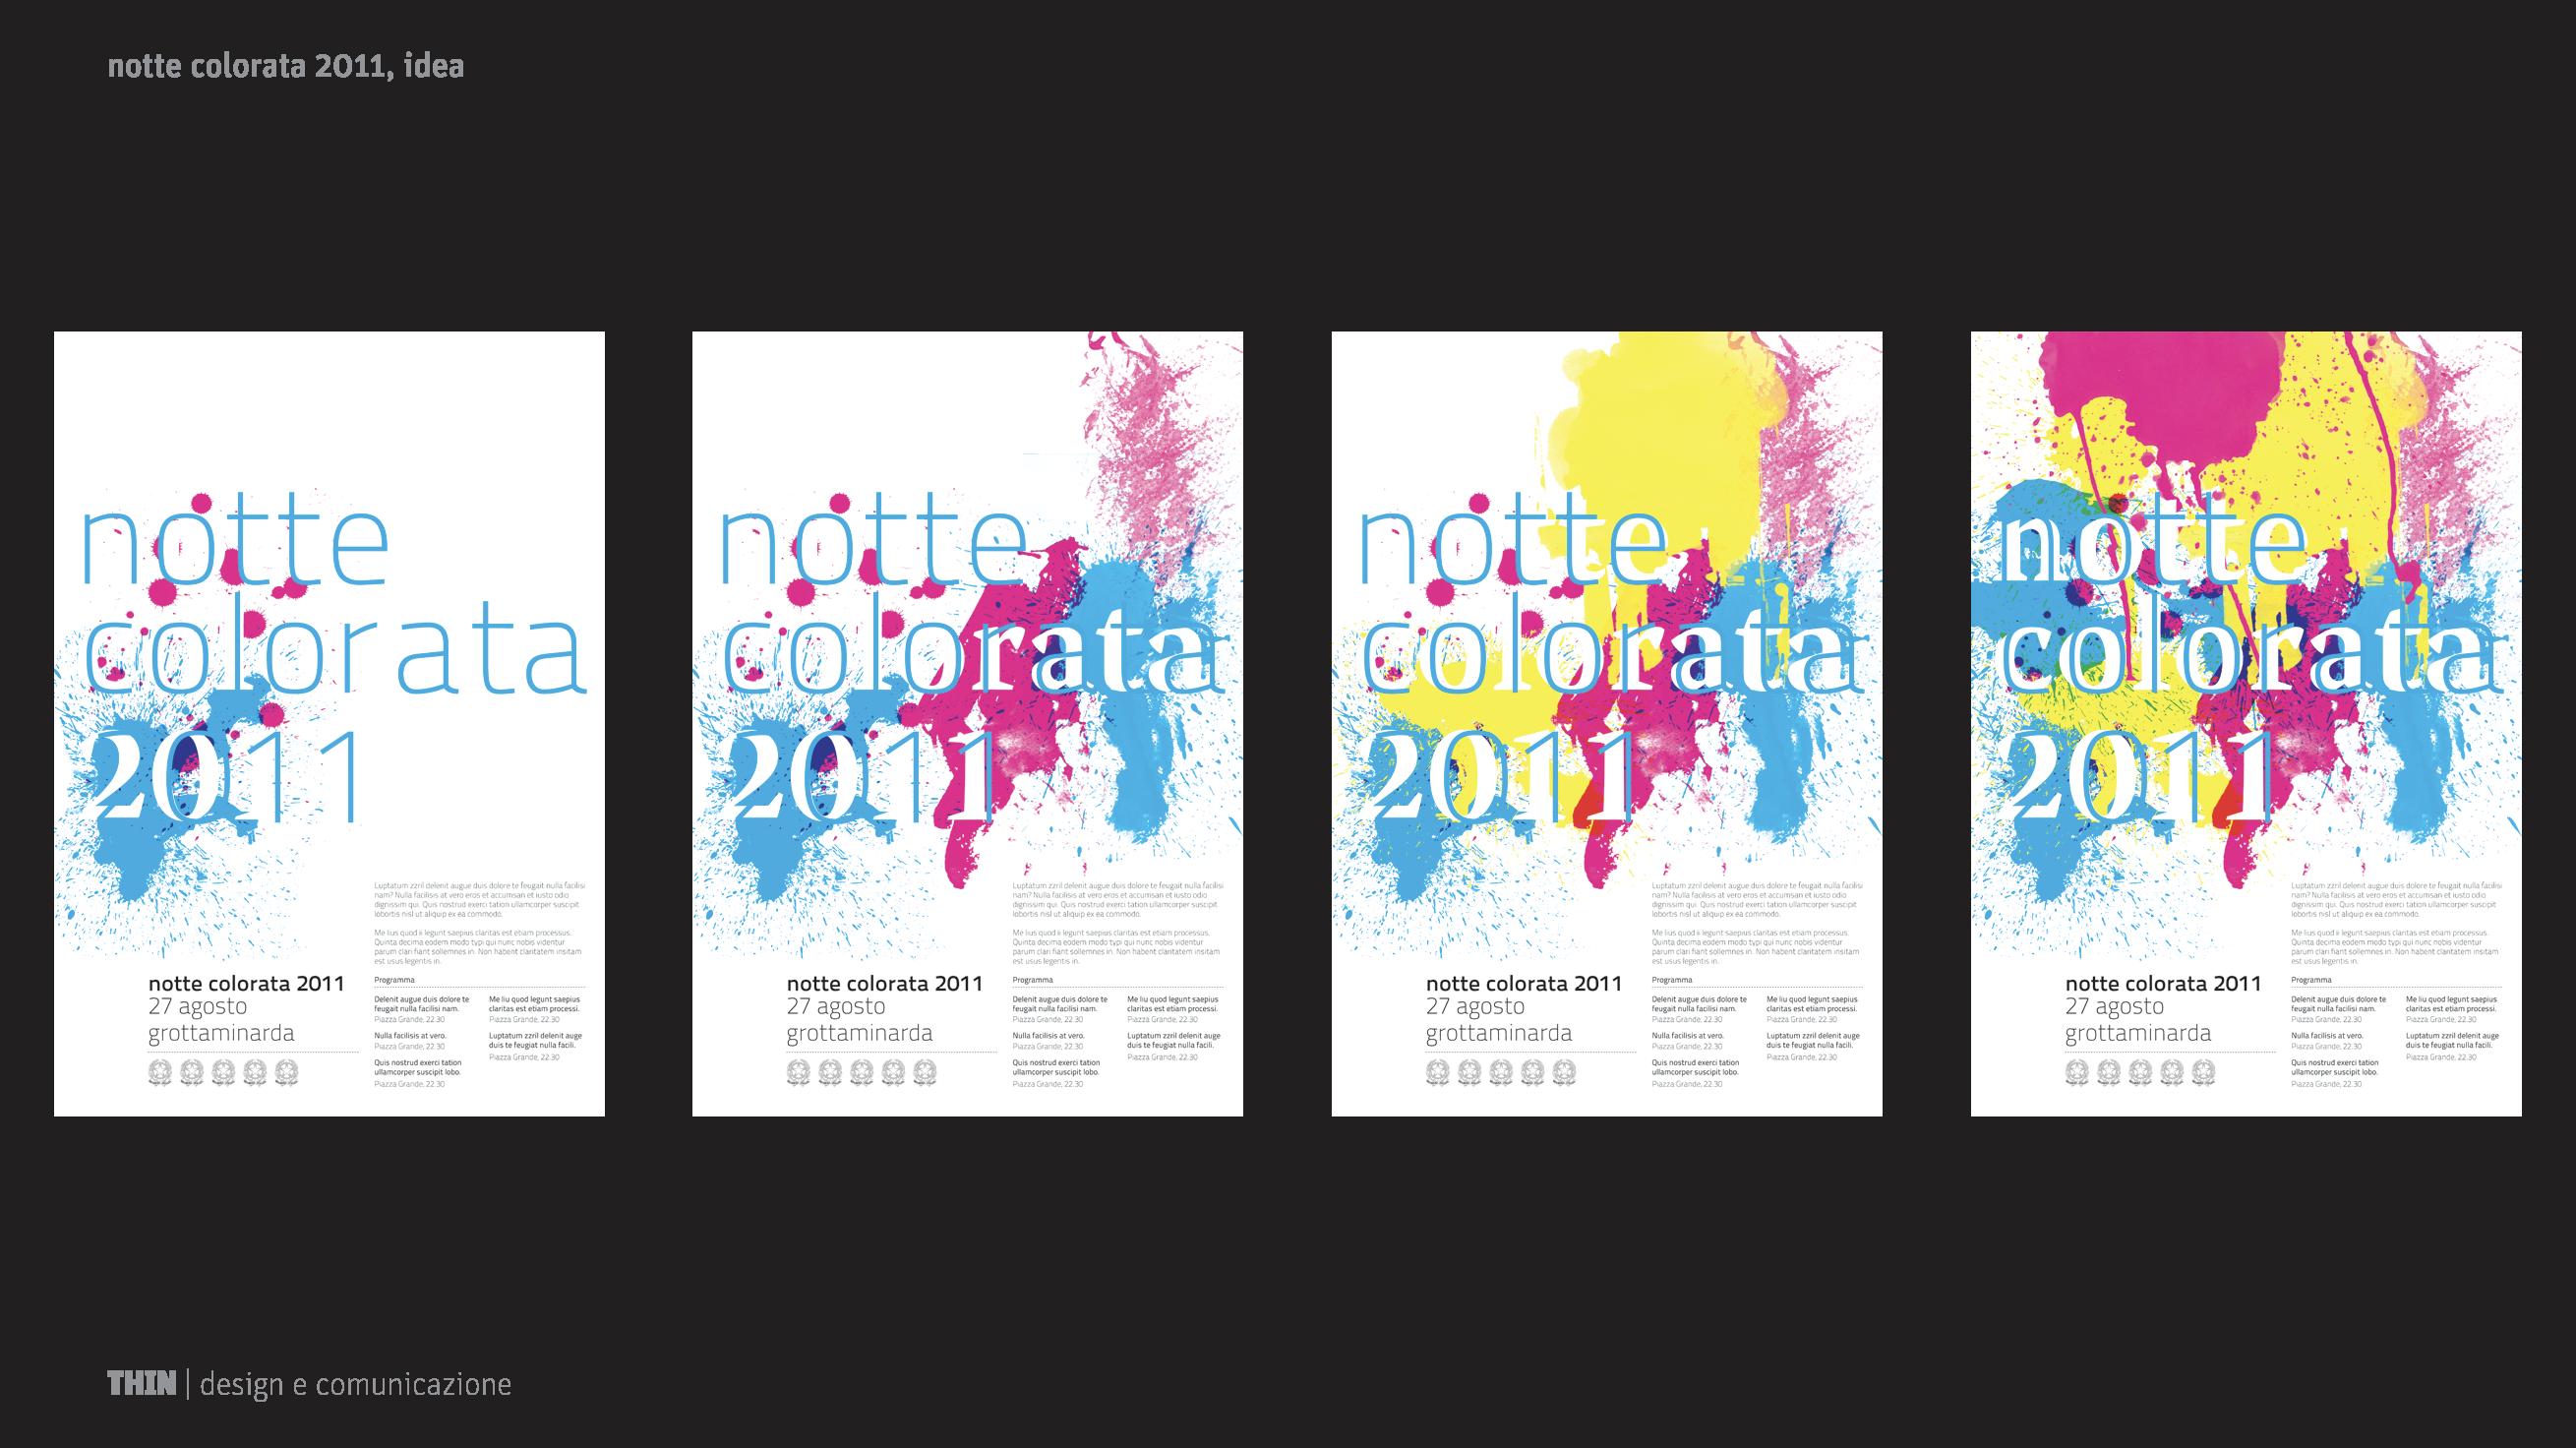 Notte colorata 2011. Poster design.